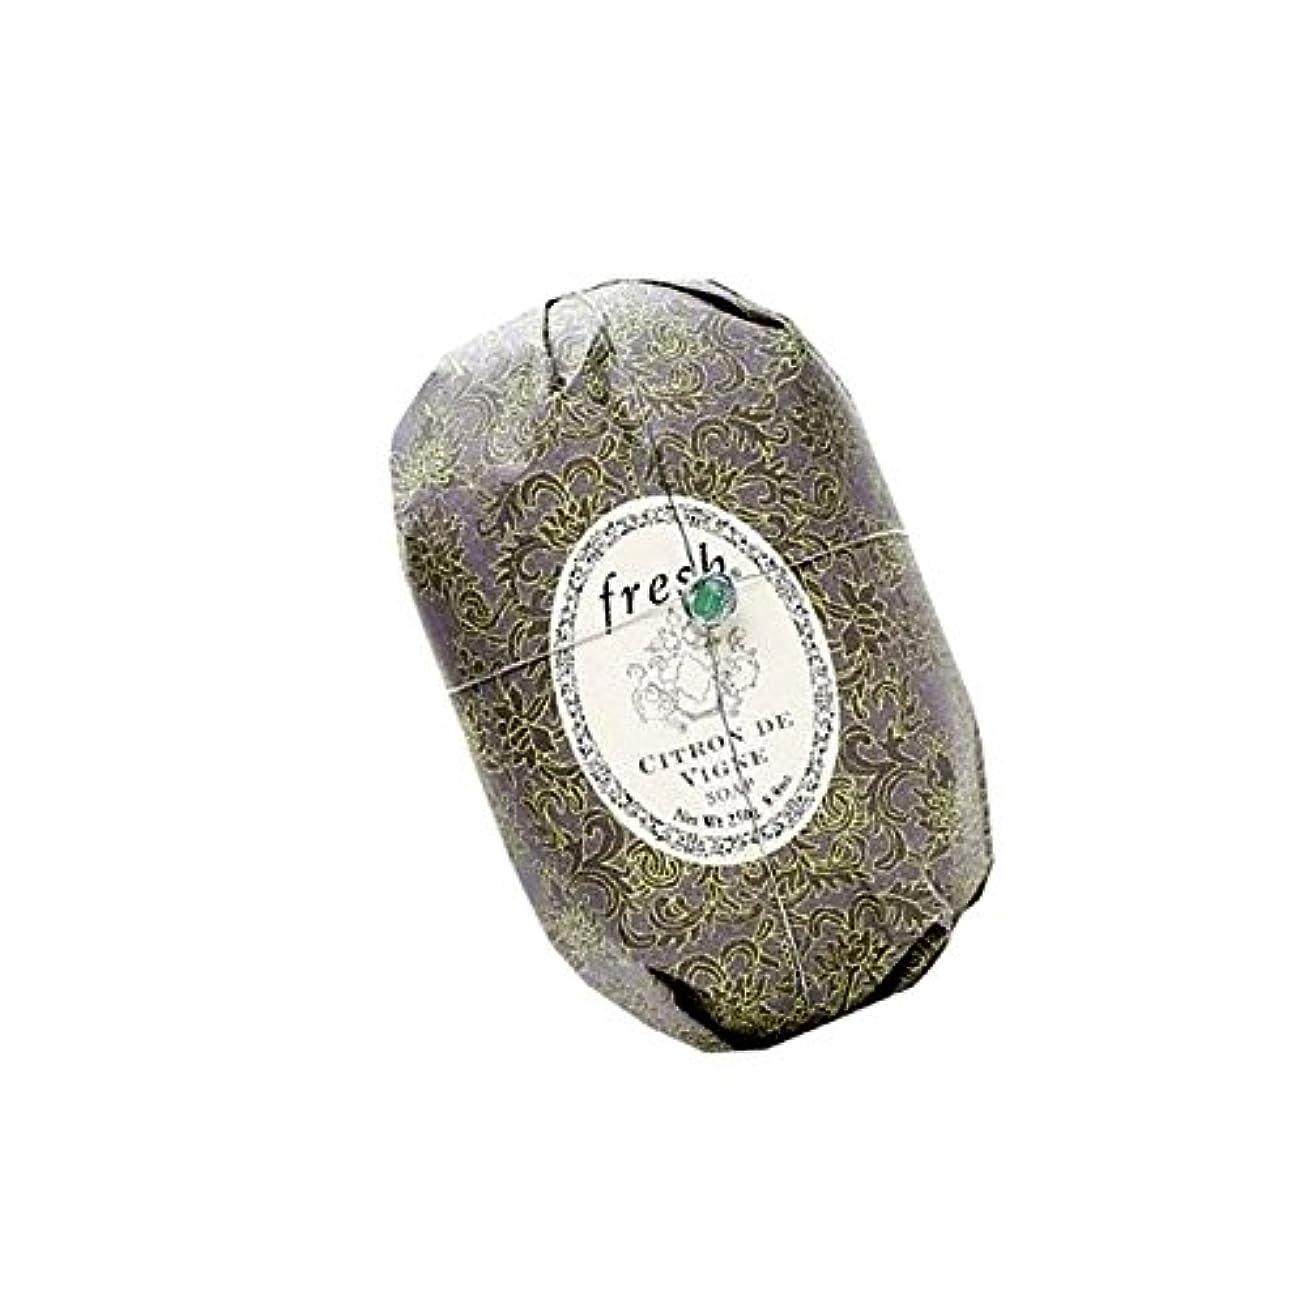 欠員火イーウェルFresh フレッシュ Citron de Vigne Soap 石鹸, 250g/8.8oz. [海外直送品] [並行輸入品]